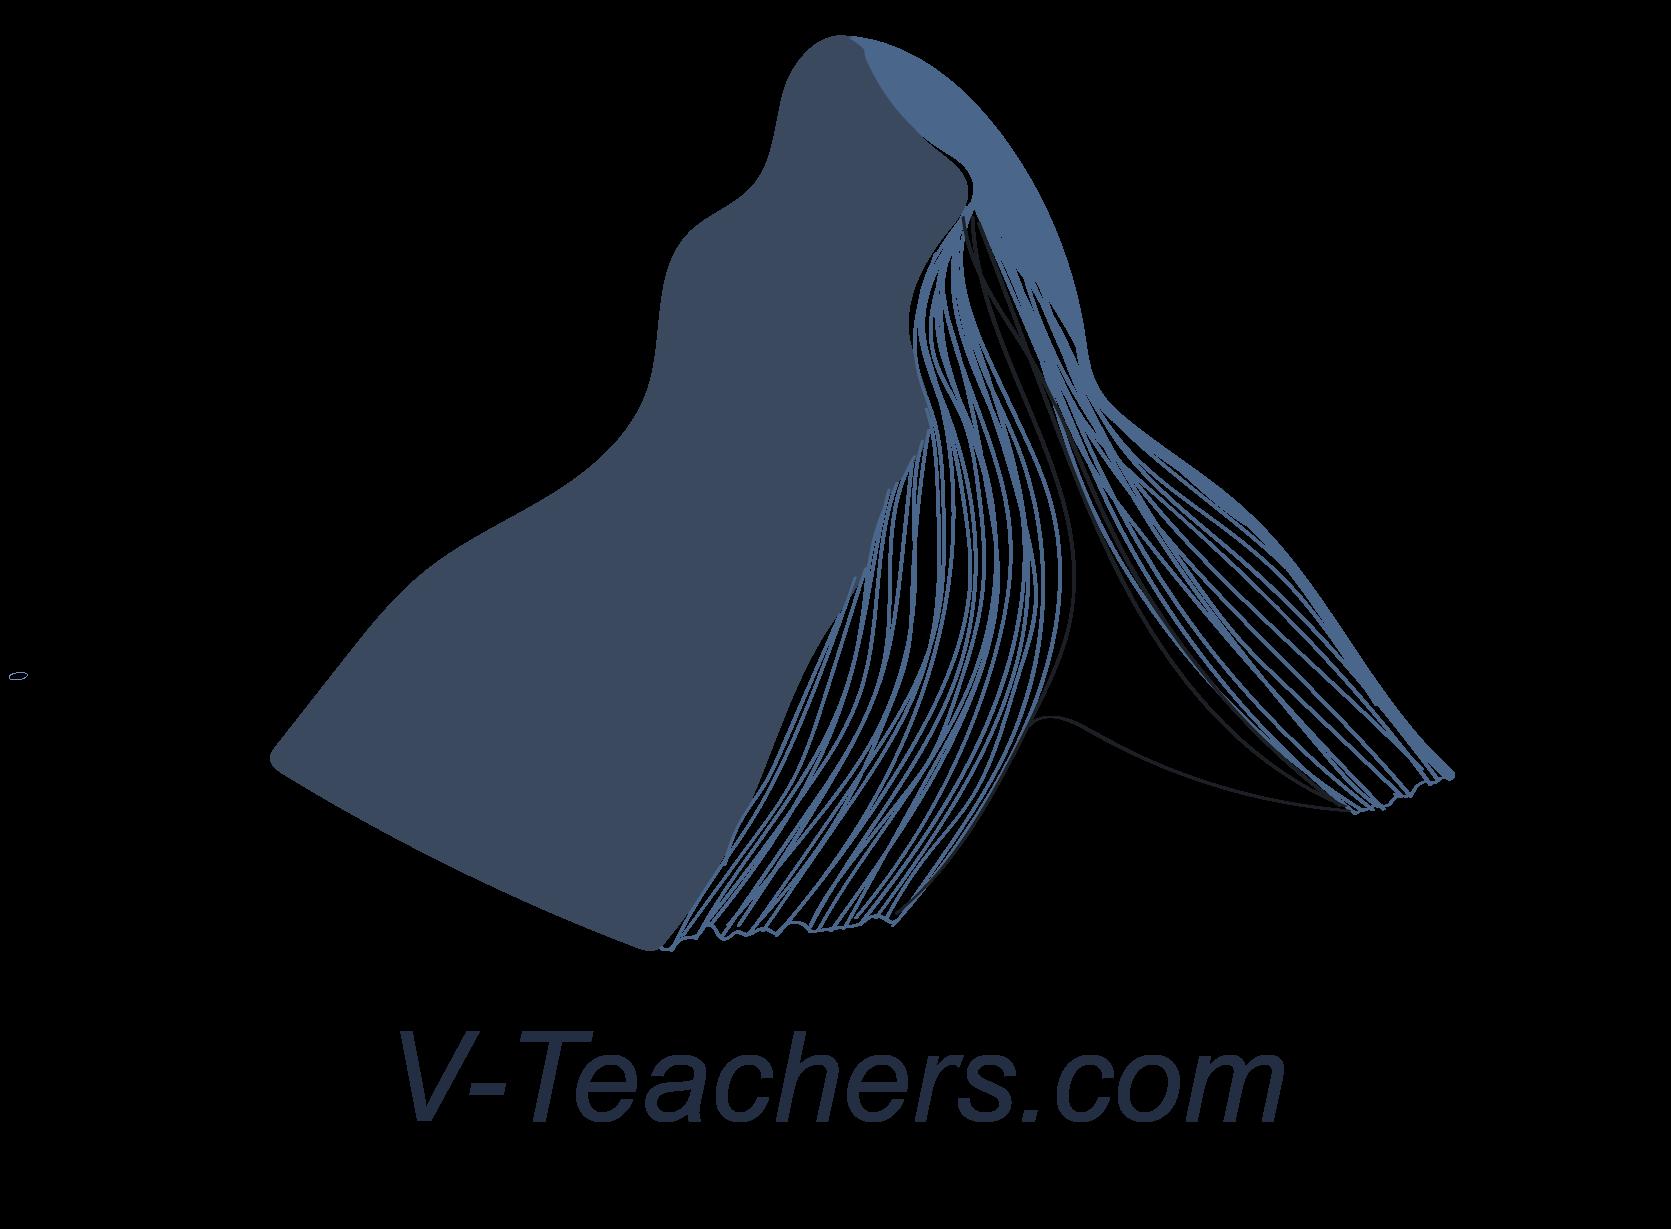 V-Teachers